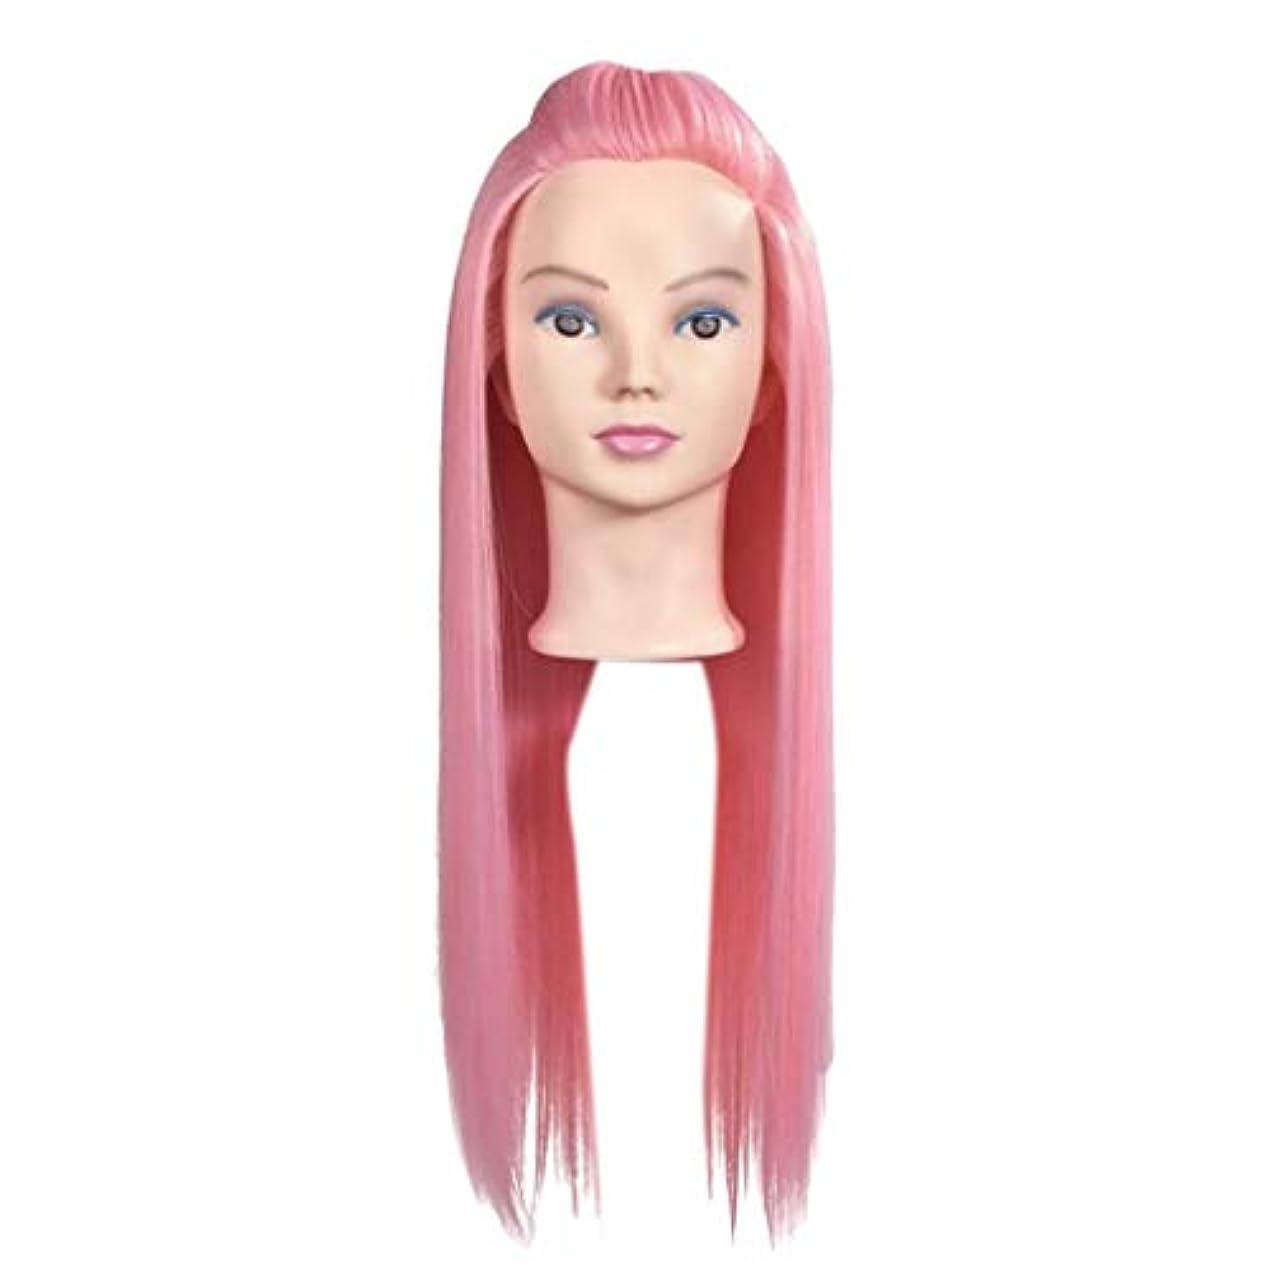 努力スティーブンソンToygogo 23インチピンク美容化粧顔マネキンマネキンヘッド髪、サロンスタイリング練習組紐人形頭合成髪